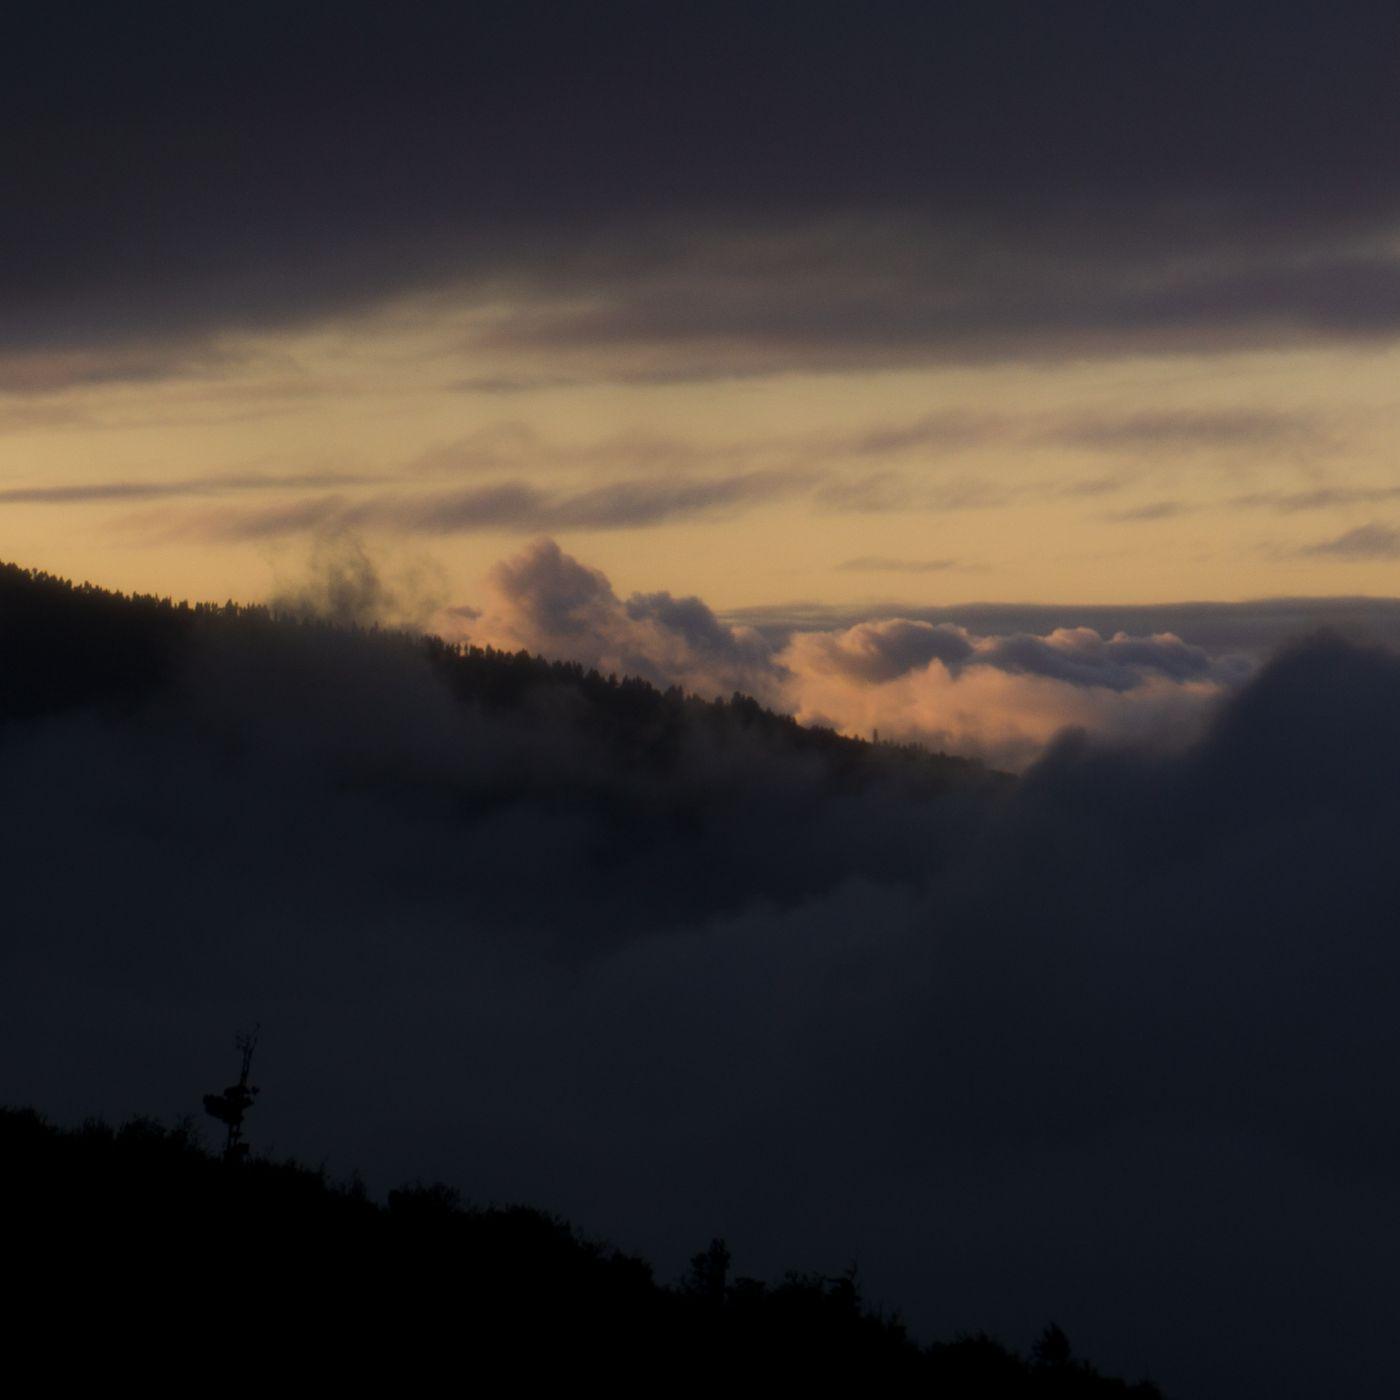 Sweet Clouds at 'El Teide', Spain